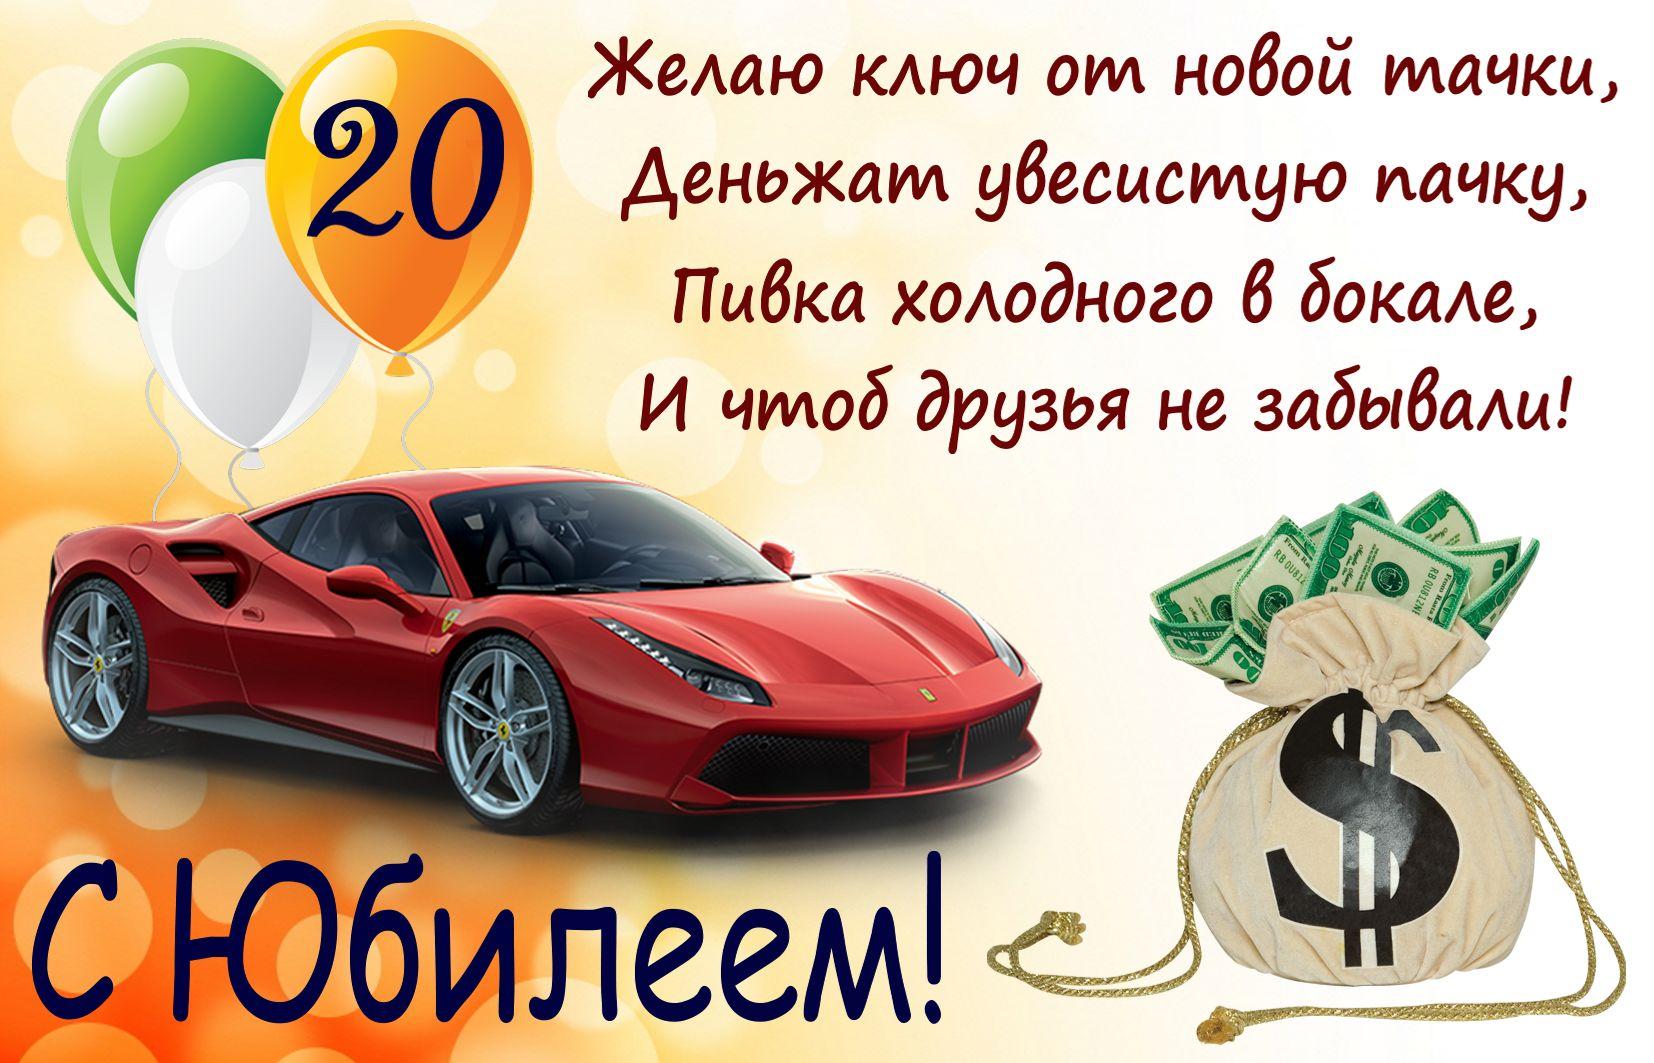 Открытка на юбилей на 20 лет - красная машина и мешок с деньгами